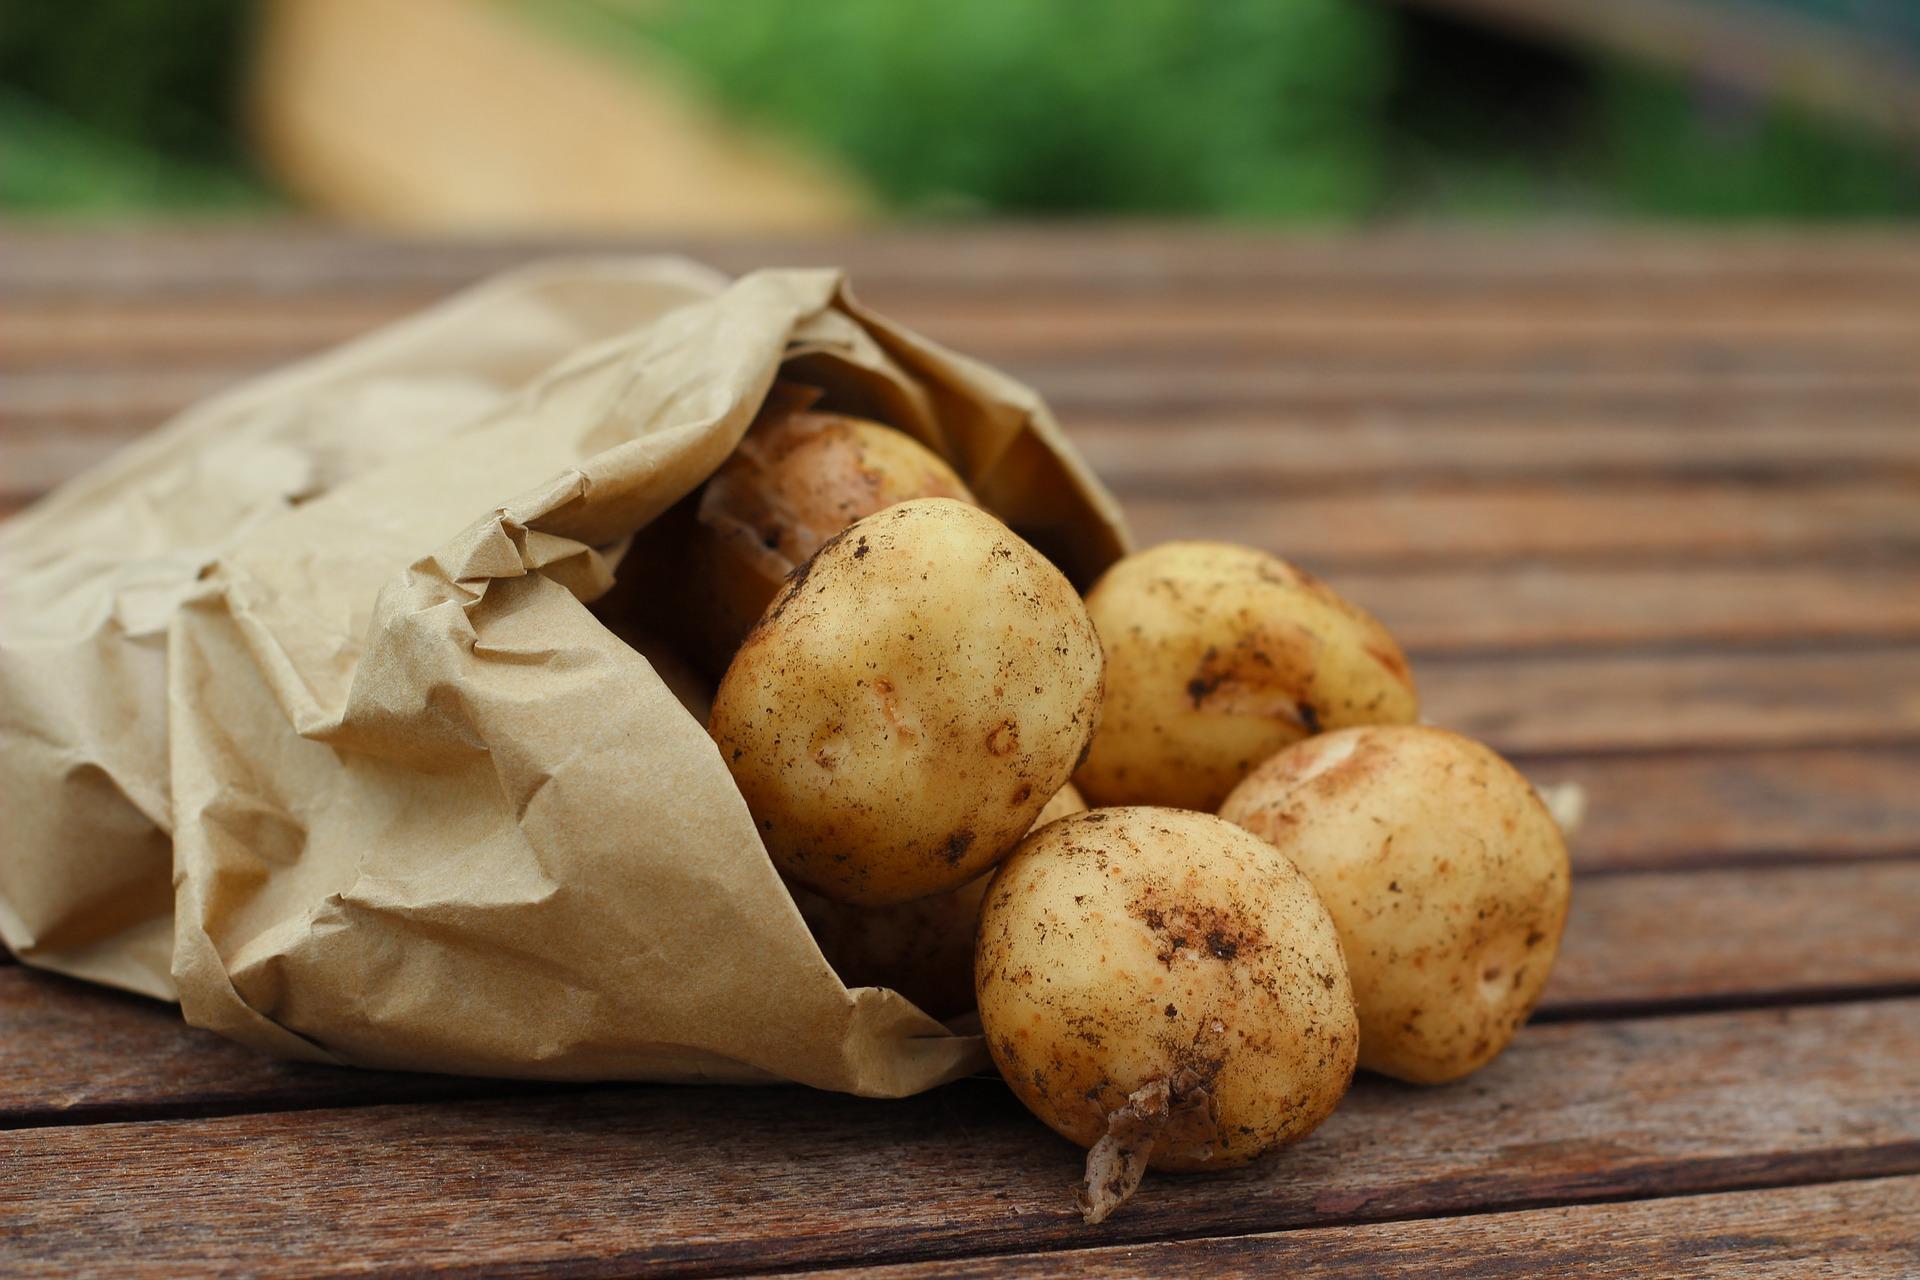 Відповідність вимогам міжнародних стандартів допоможе налагодити експорт української картоплі до ЄС — Магалецька